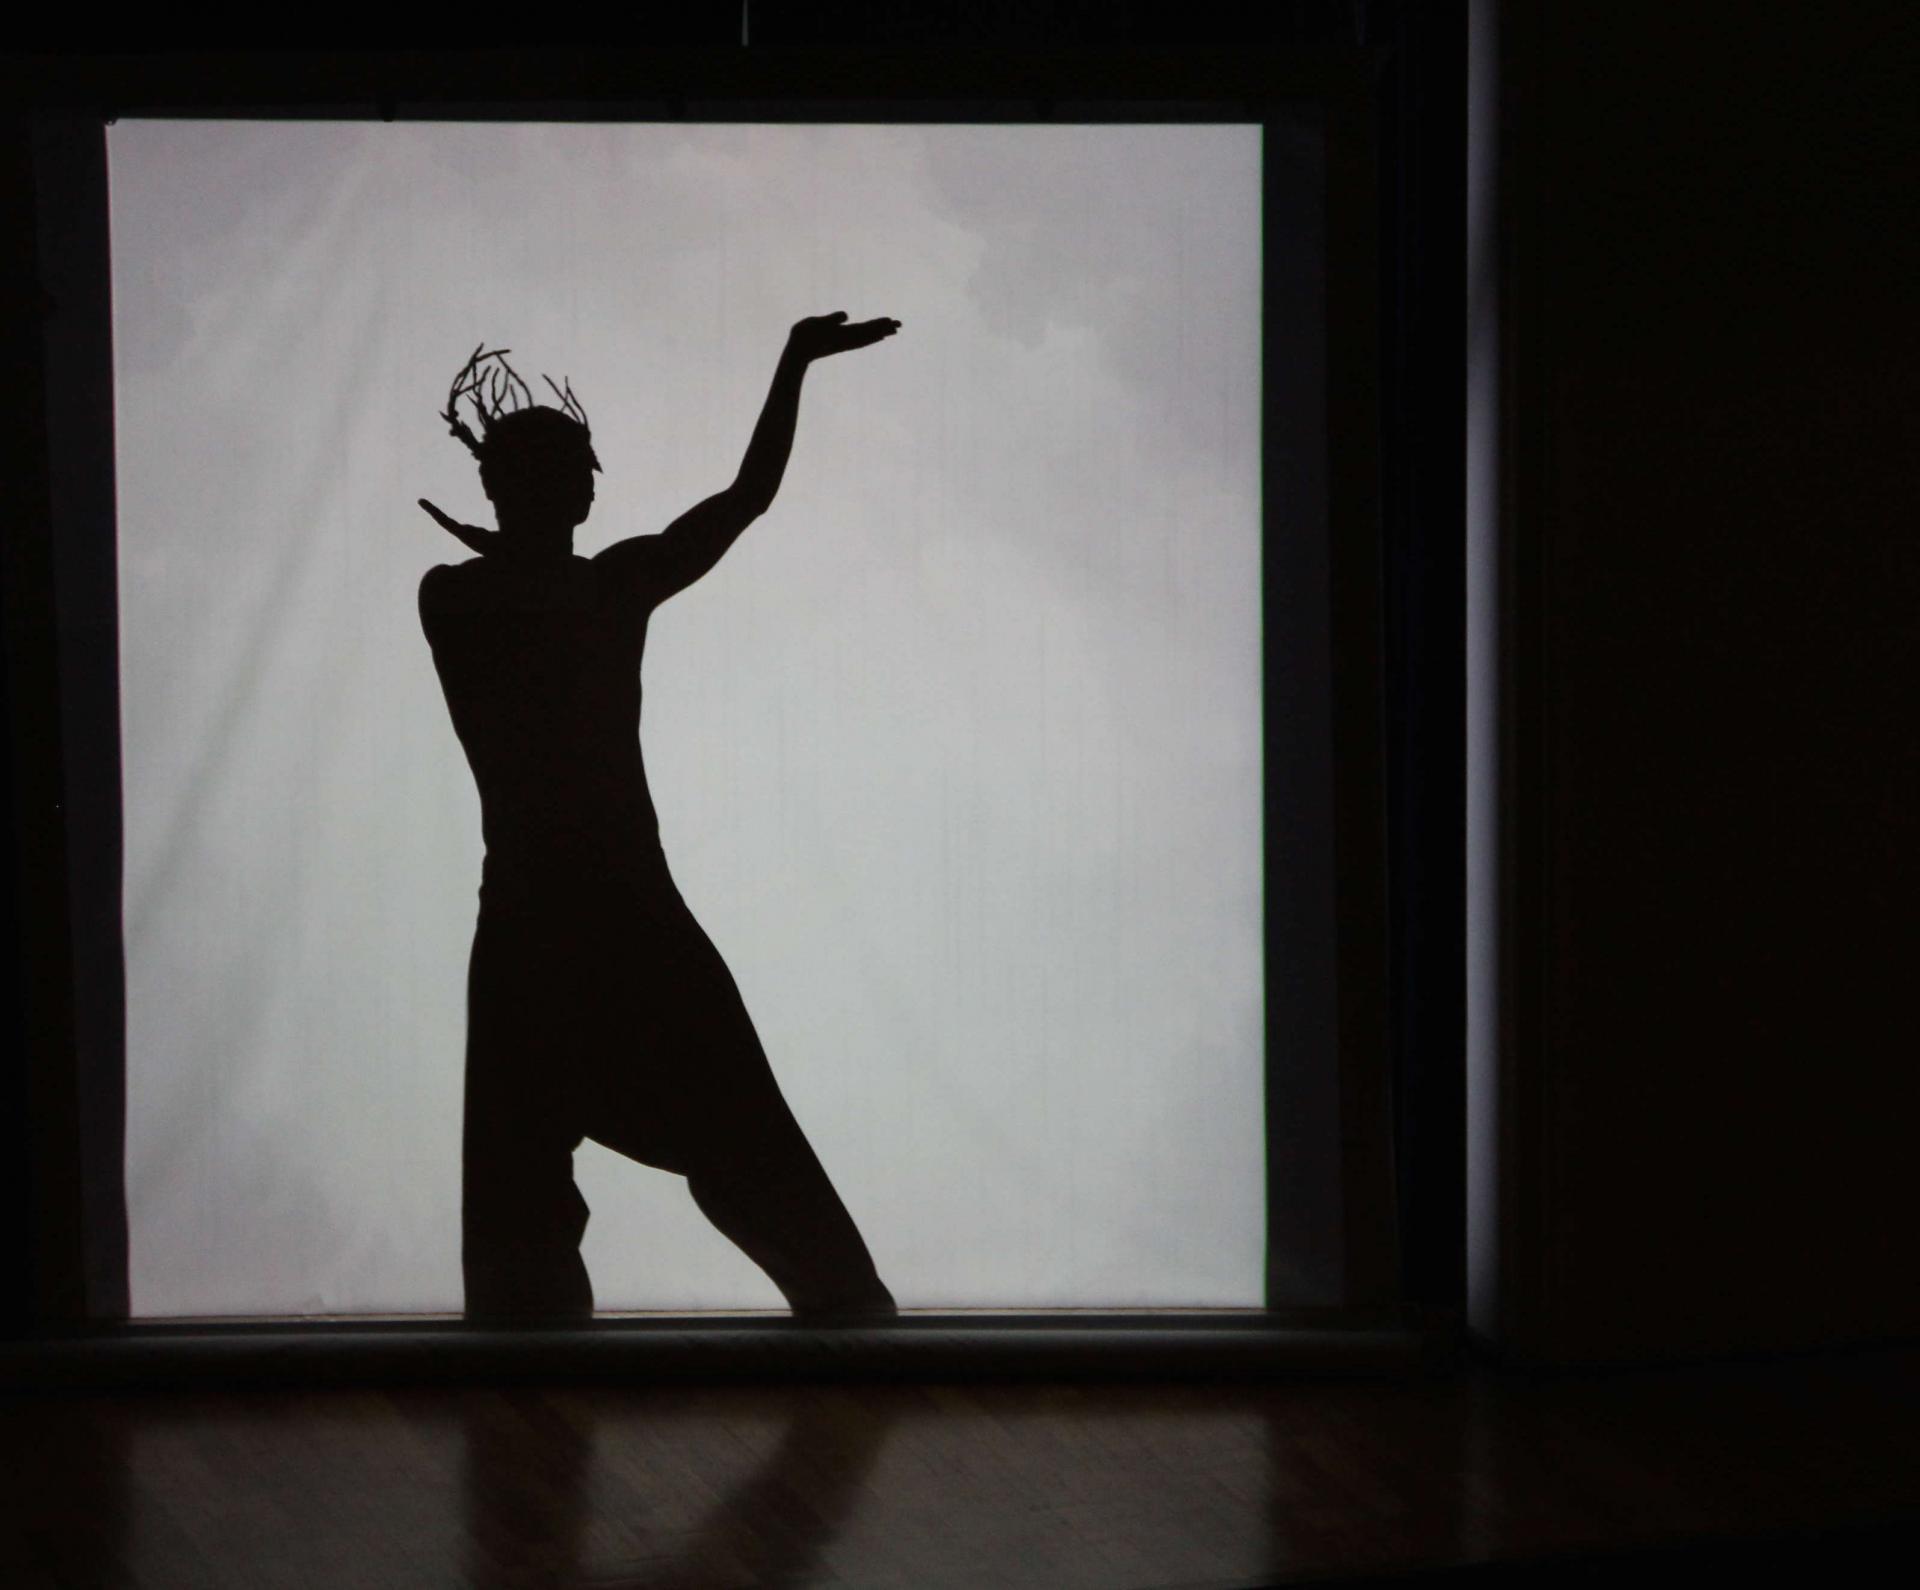 Vox Naturae, Johannes Quintens (danseur)